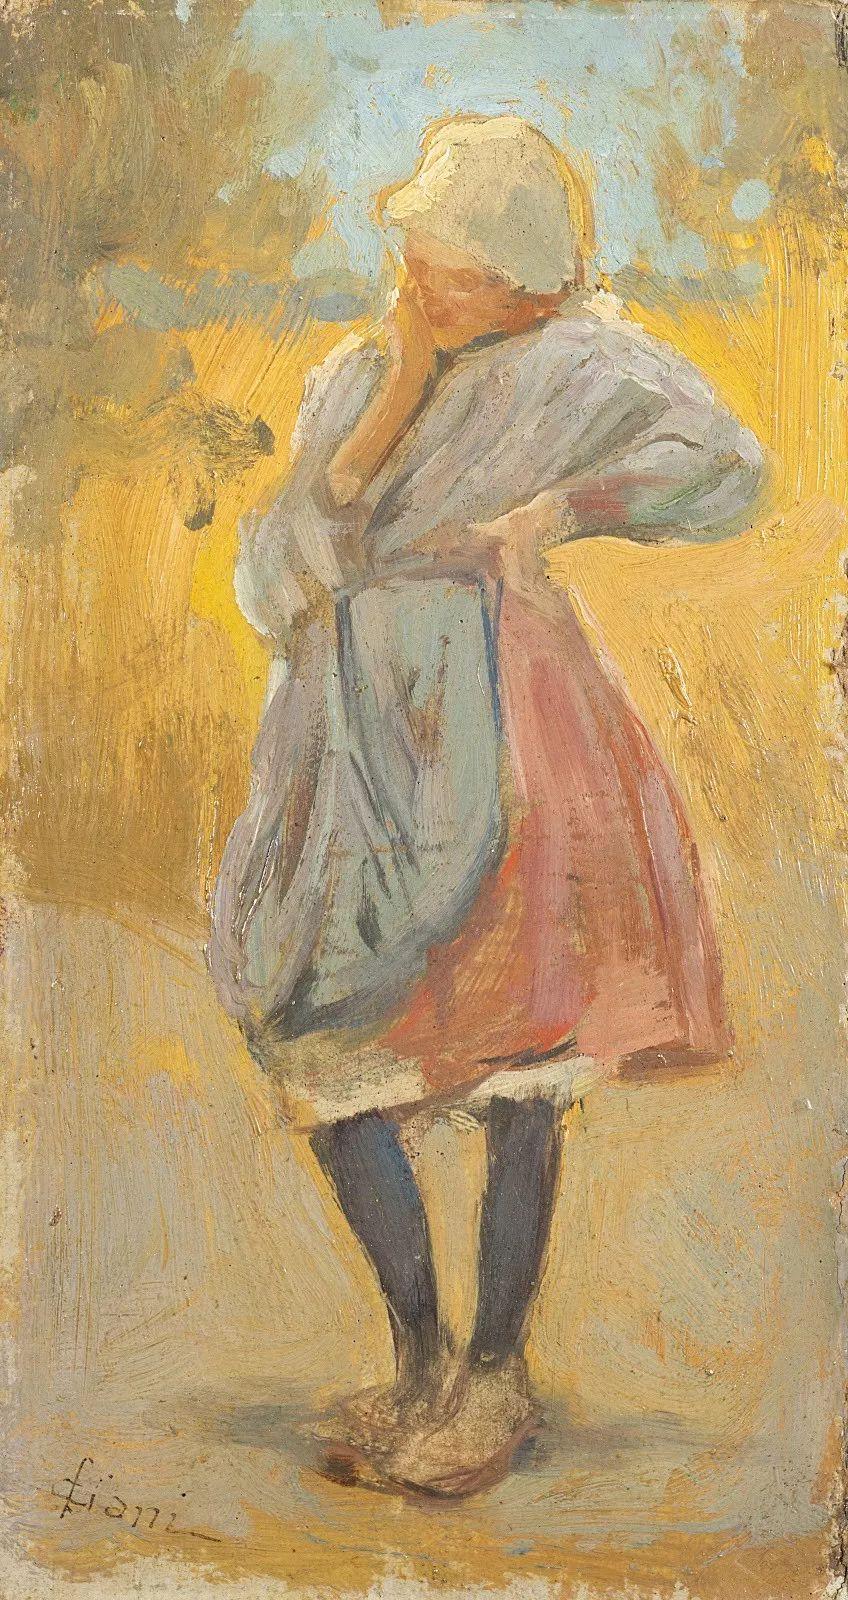 自信而粗犷的笔触,意大利画家Cesare Ciani插图28